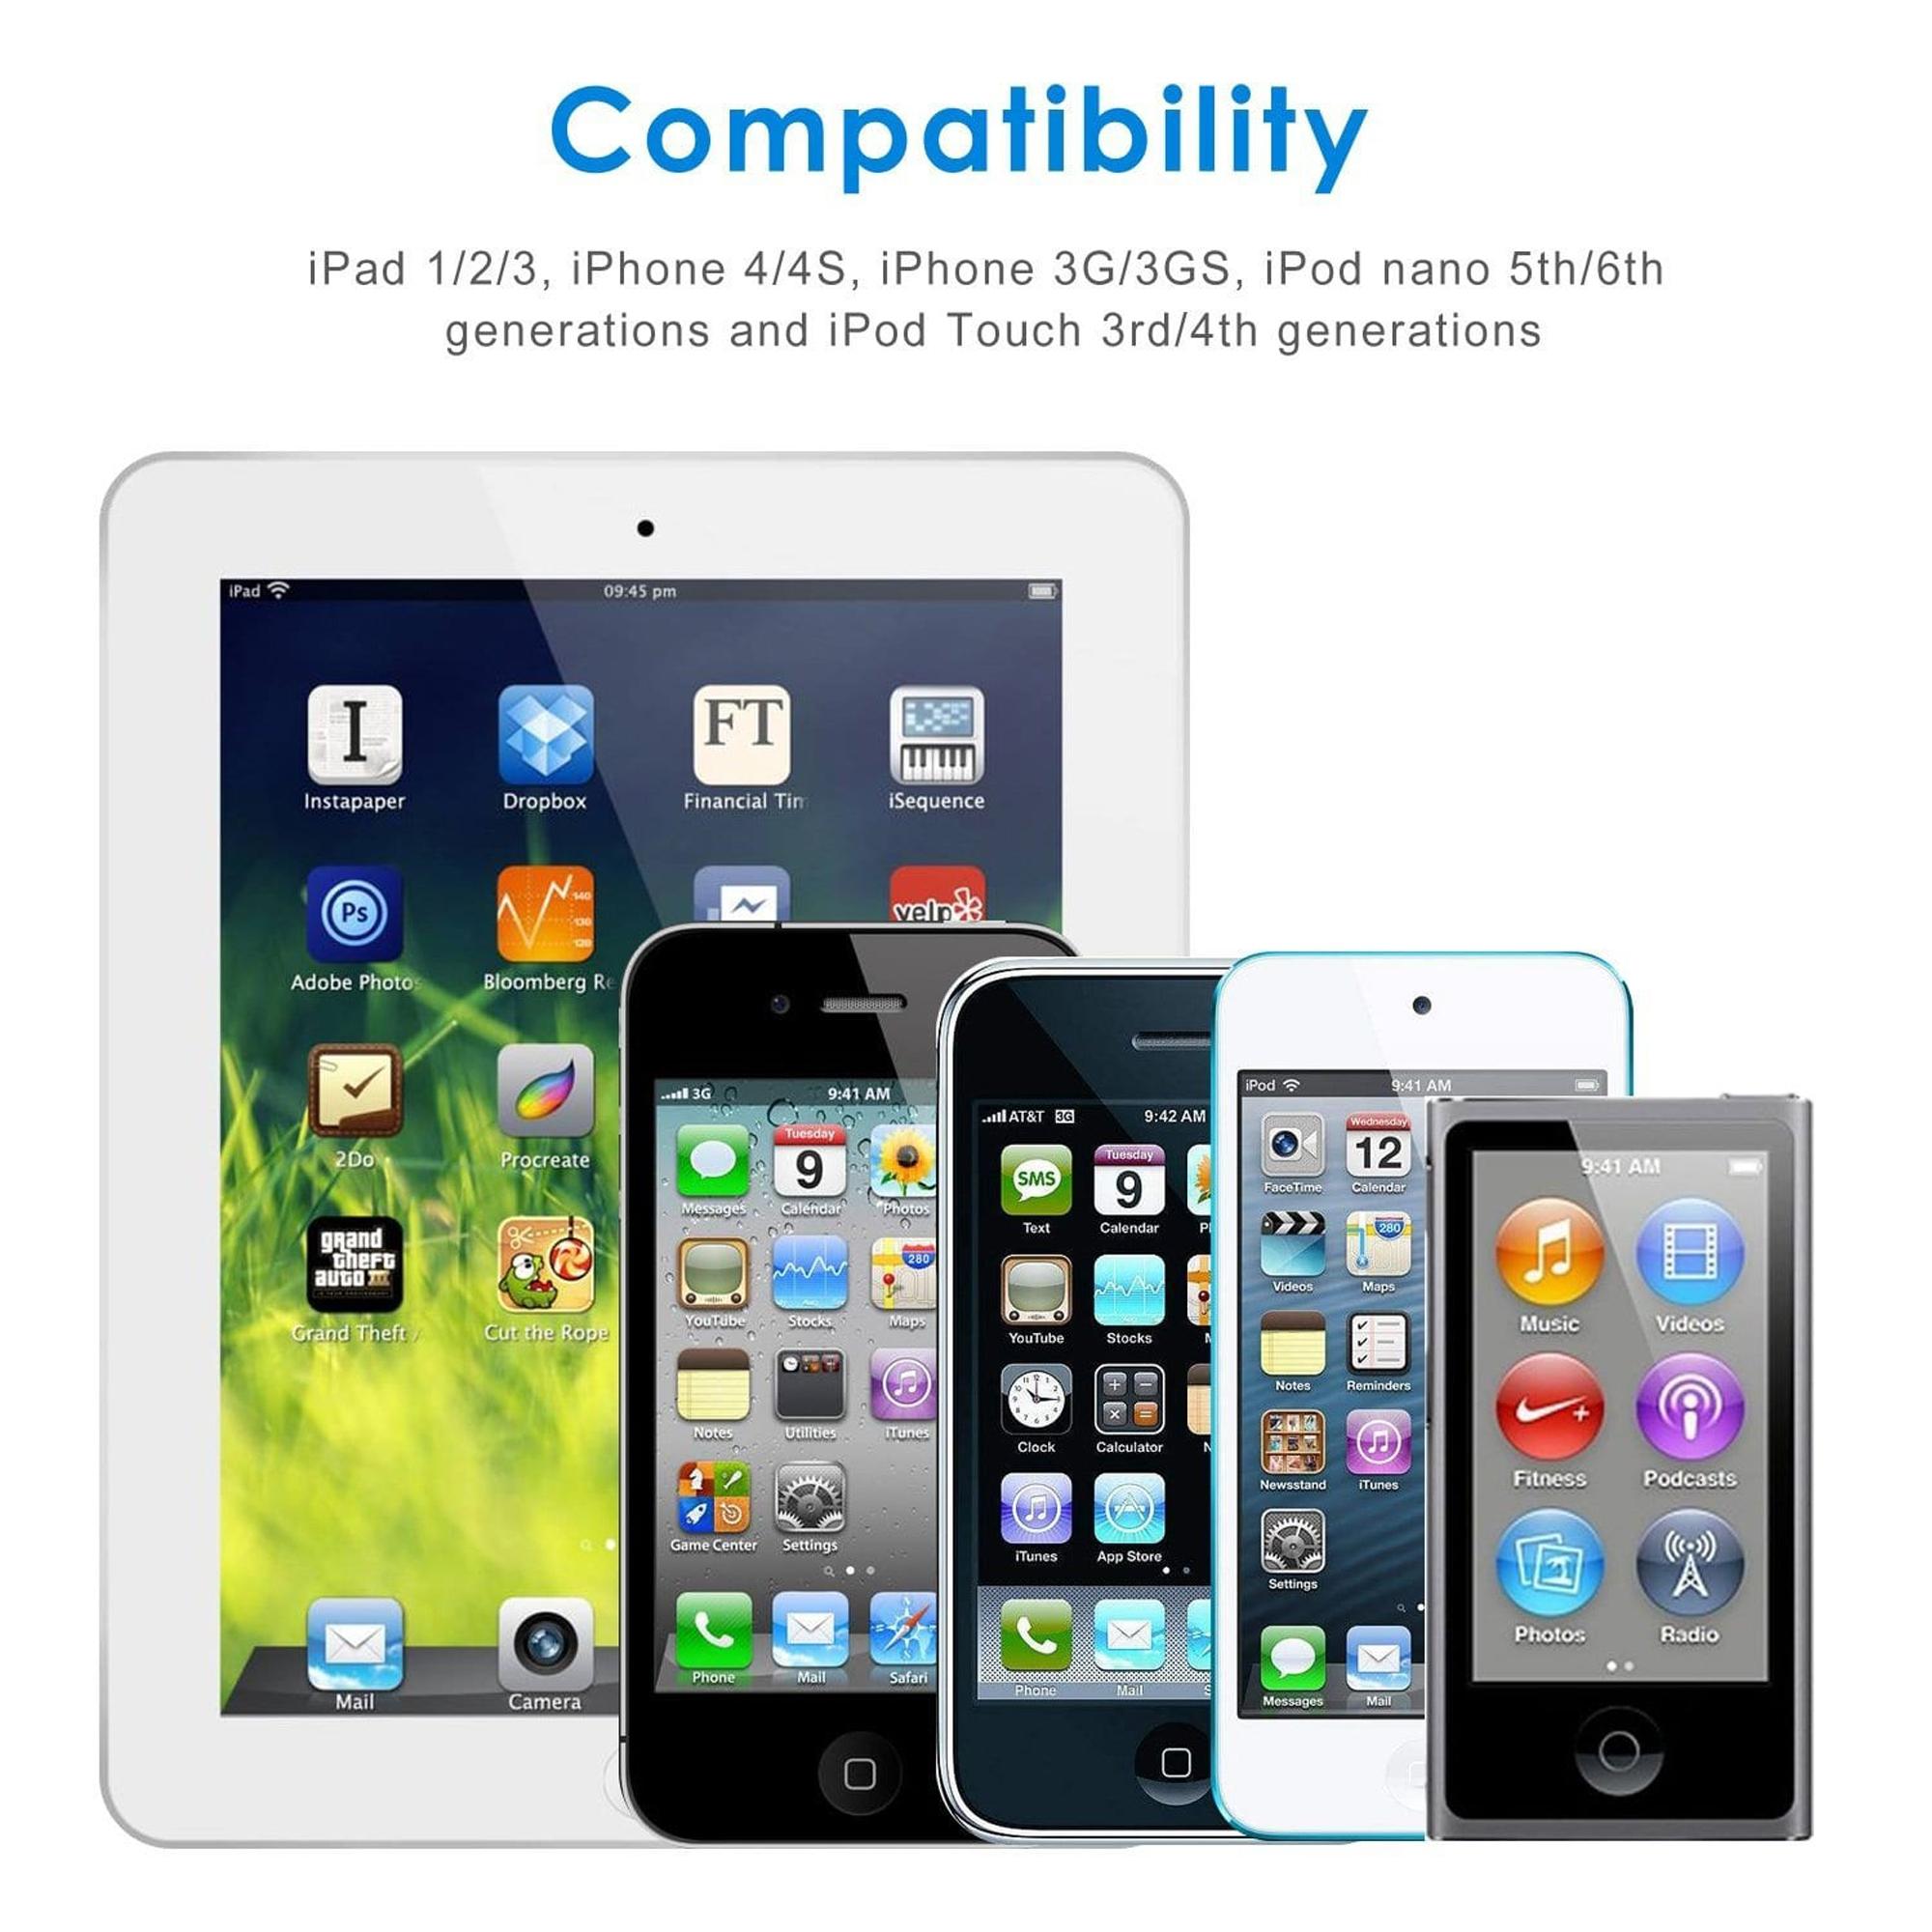 Ipod 1 2 3 4 5 Comparison